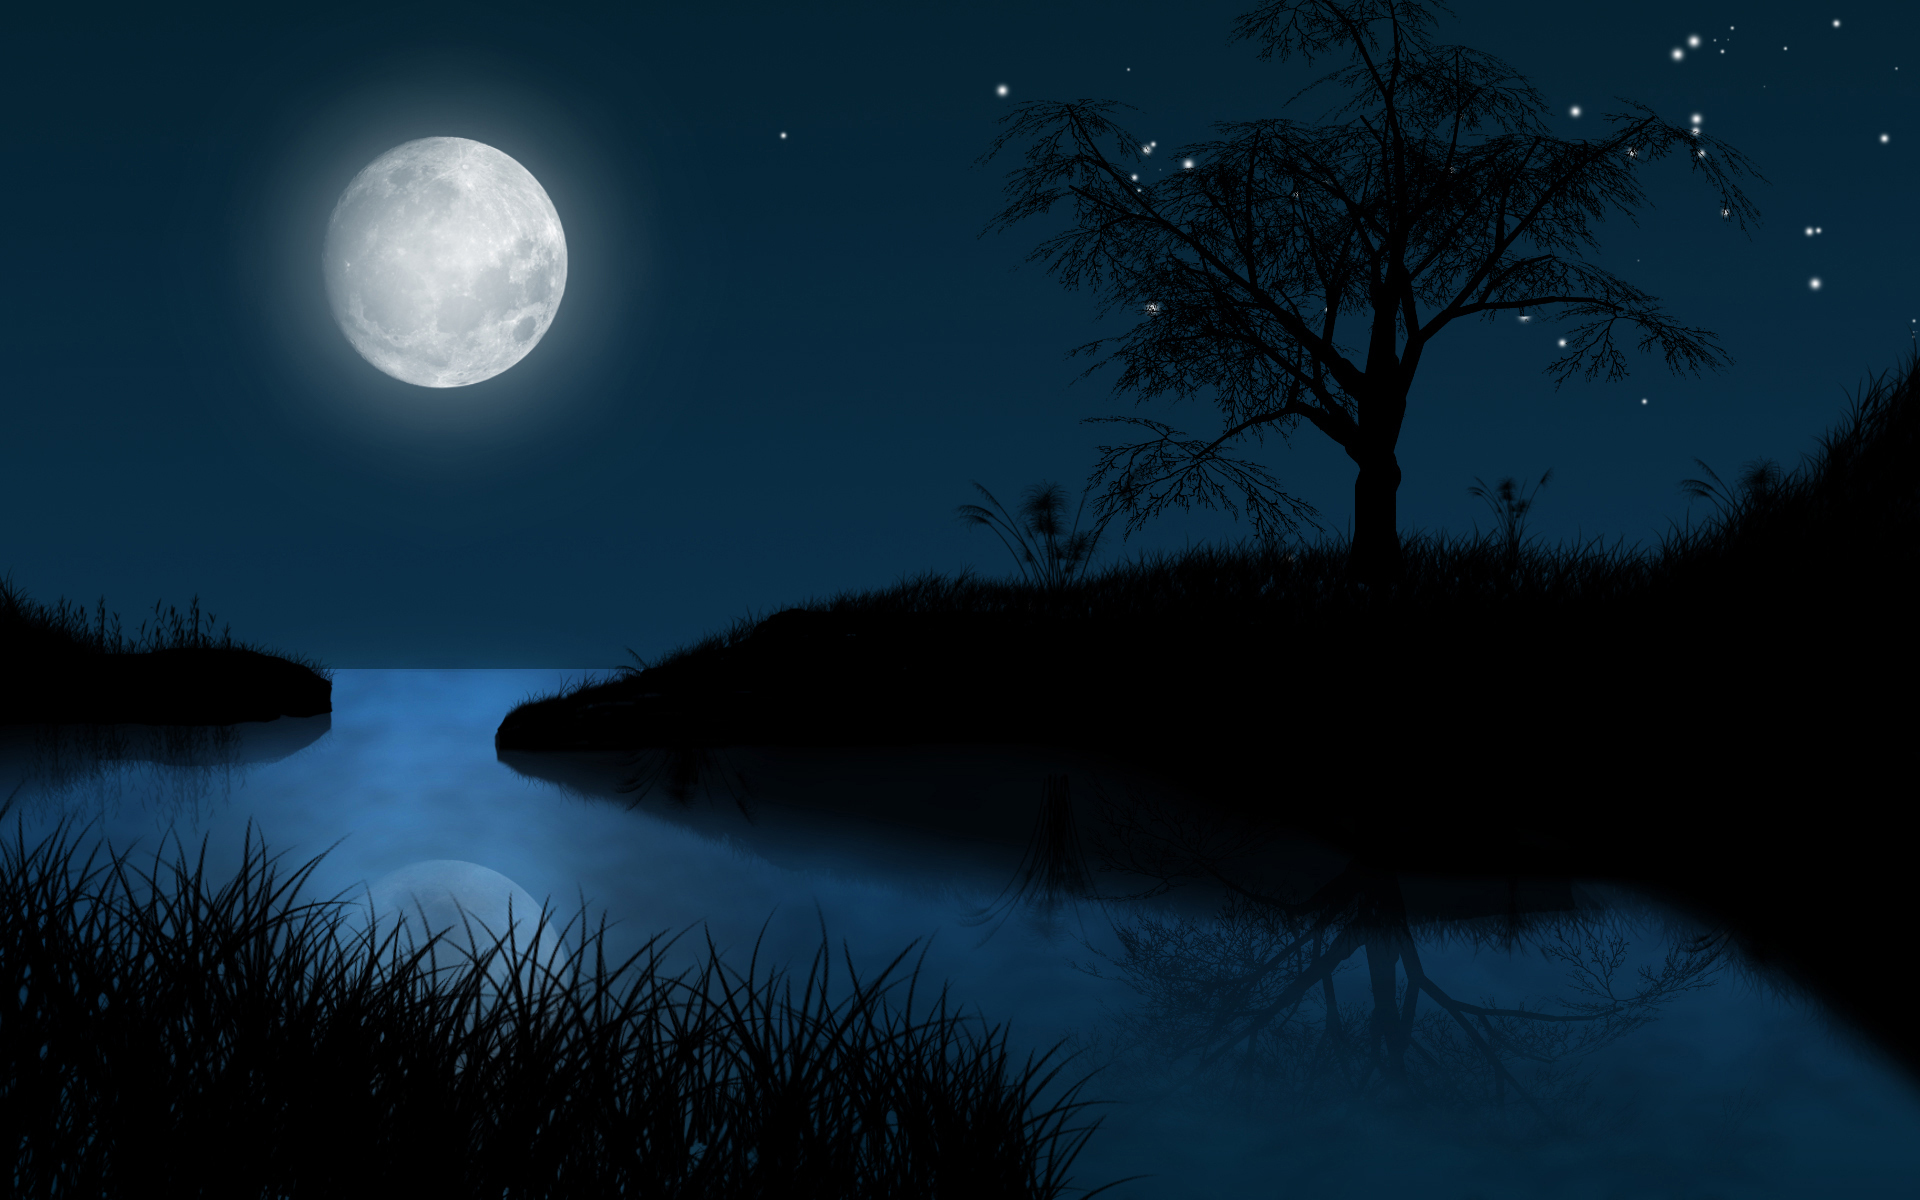 агрегаты картинки природа полночь тракториста